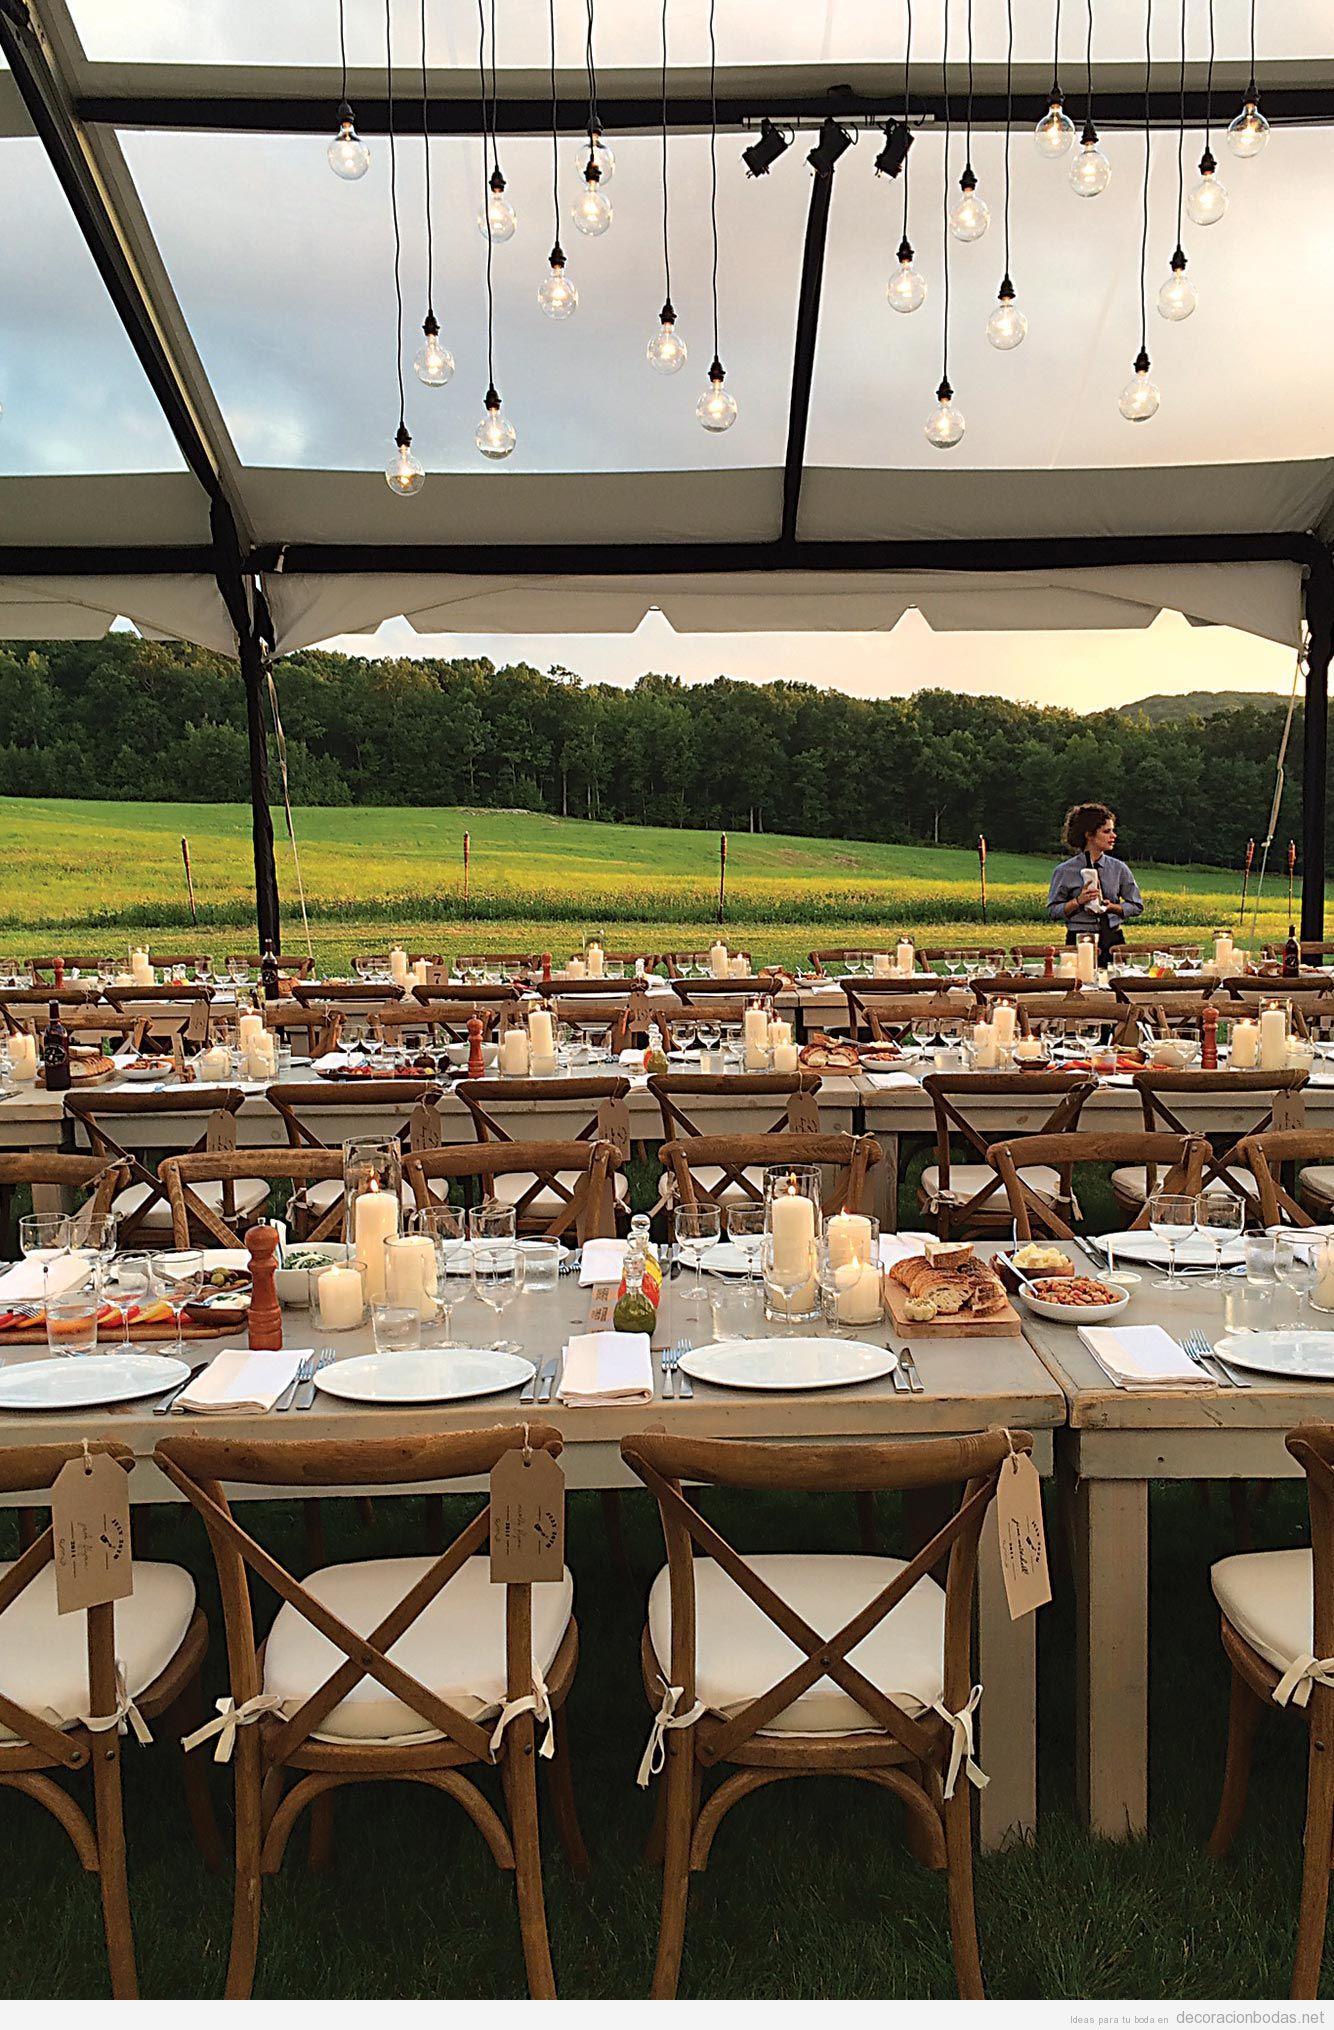 Banquete de boda en el campo con estilo vintage